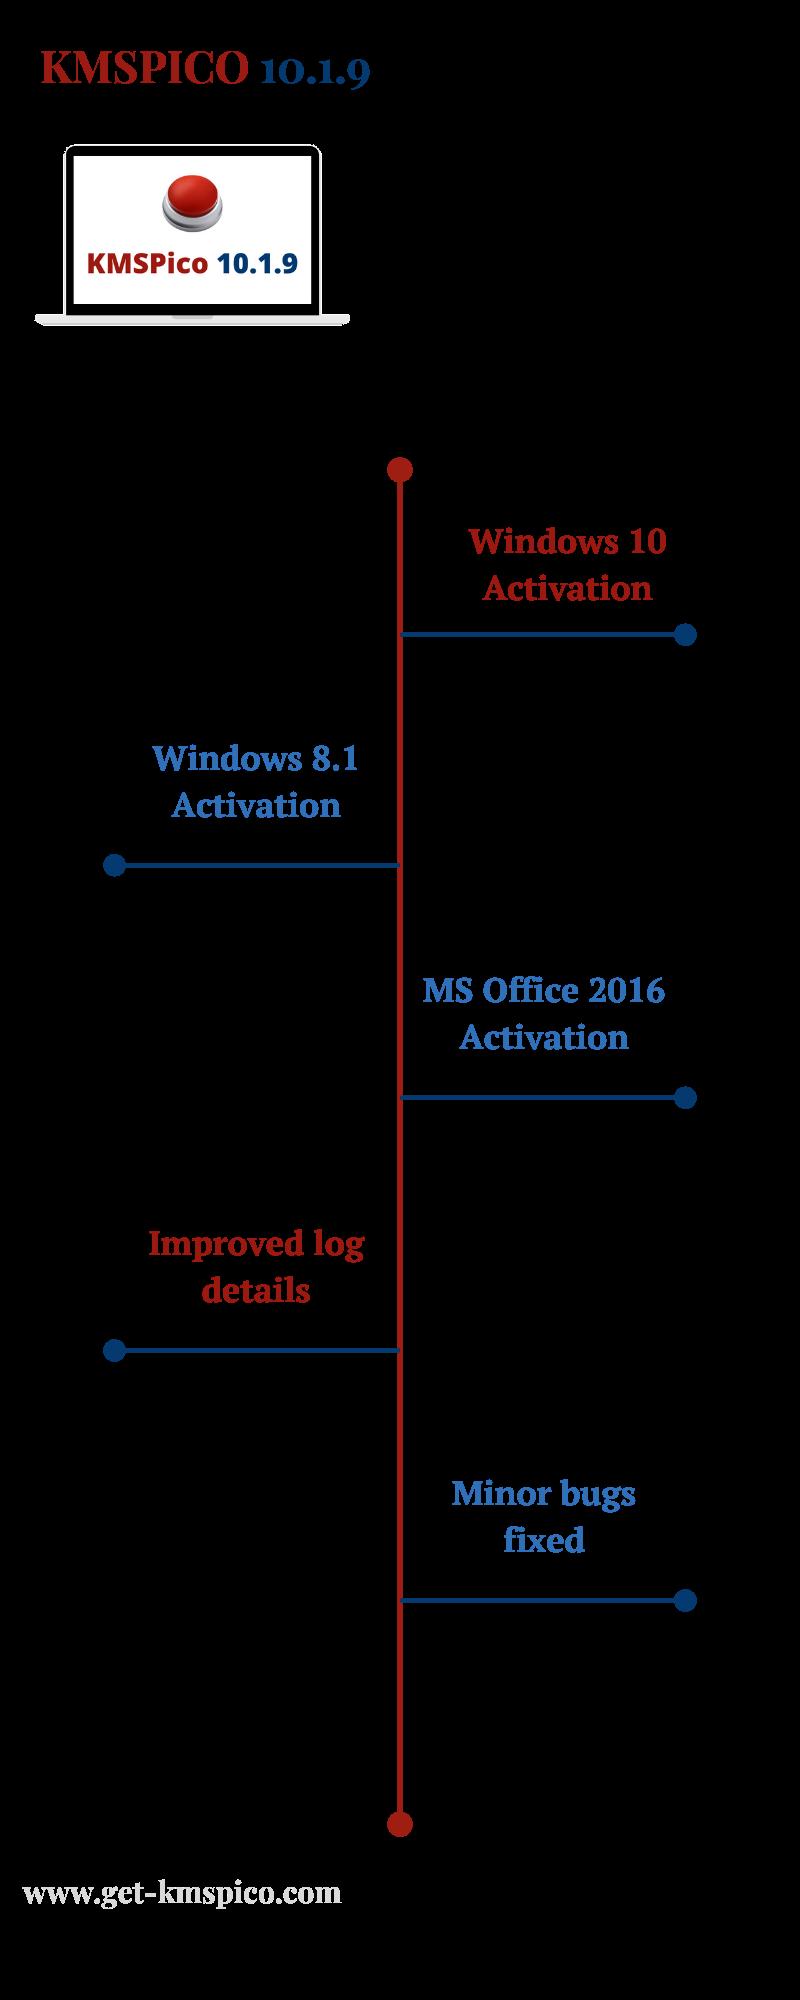 KMSPico-10.1.9-Infographic